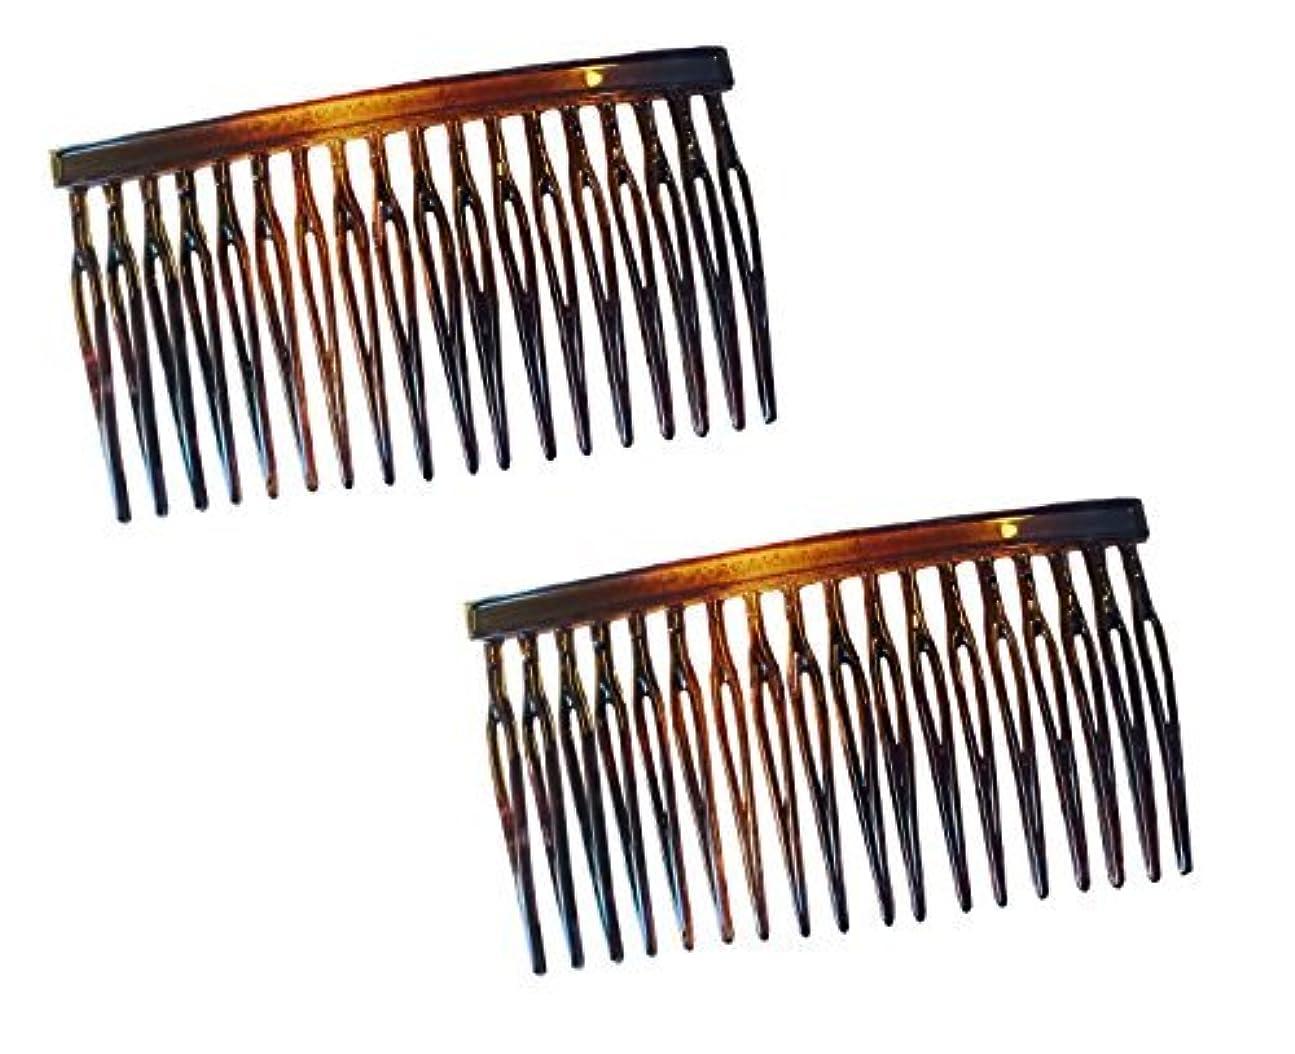 彼らのものマーチャンダイジングロッカーParcelona French Light 2 Pieces Small Glossy Celluloid Shell Good Grip Updo 18 Teeth Side Hair Comb Combs [並行輸入品]